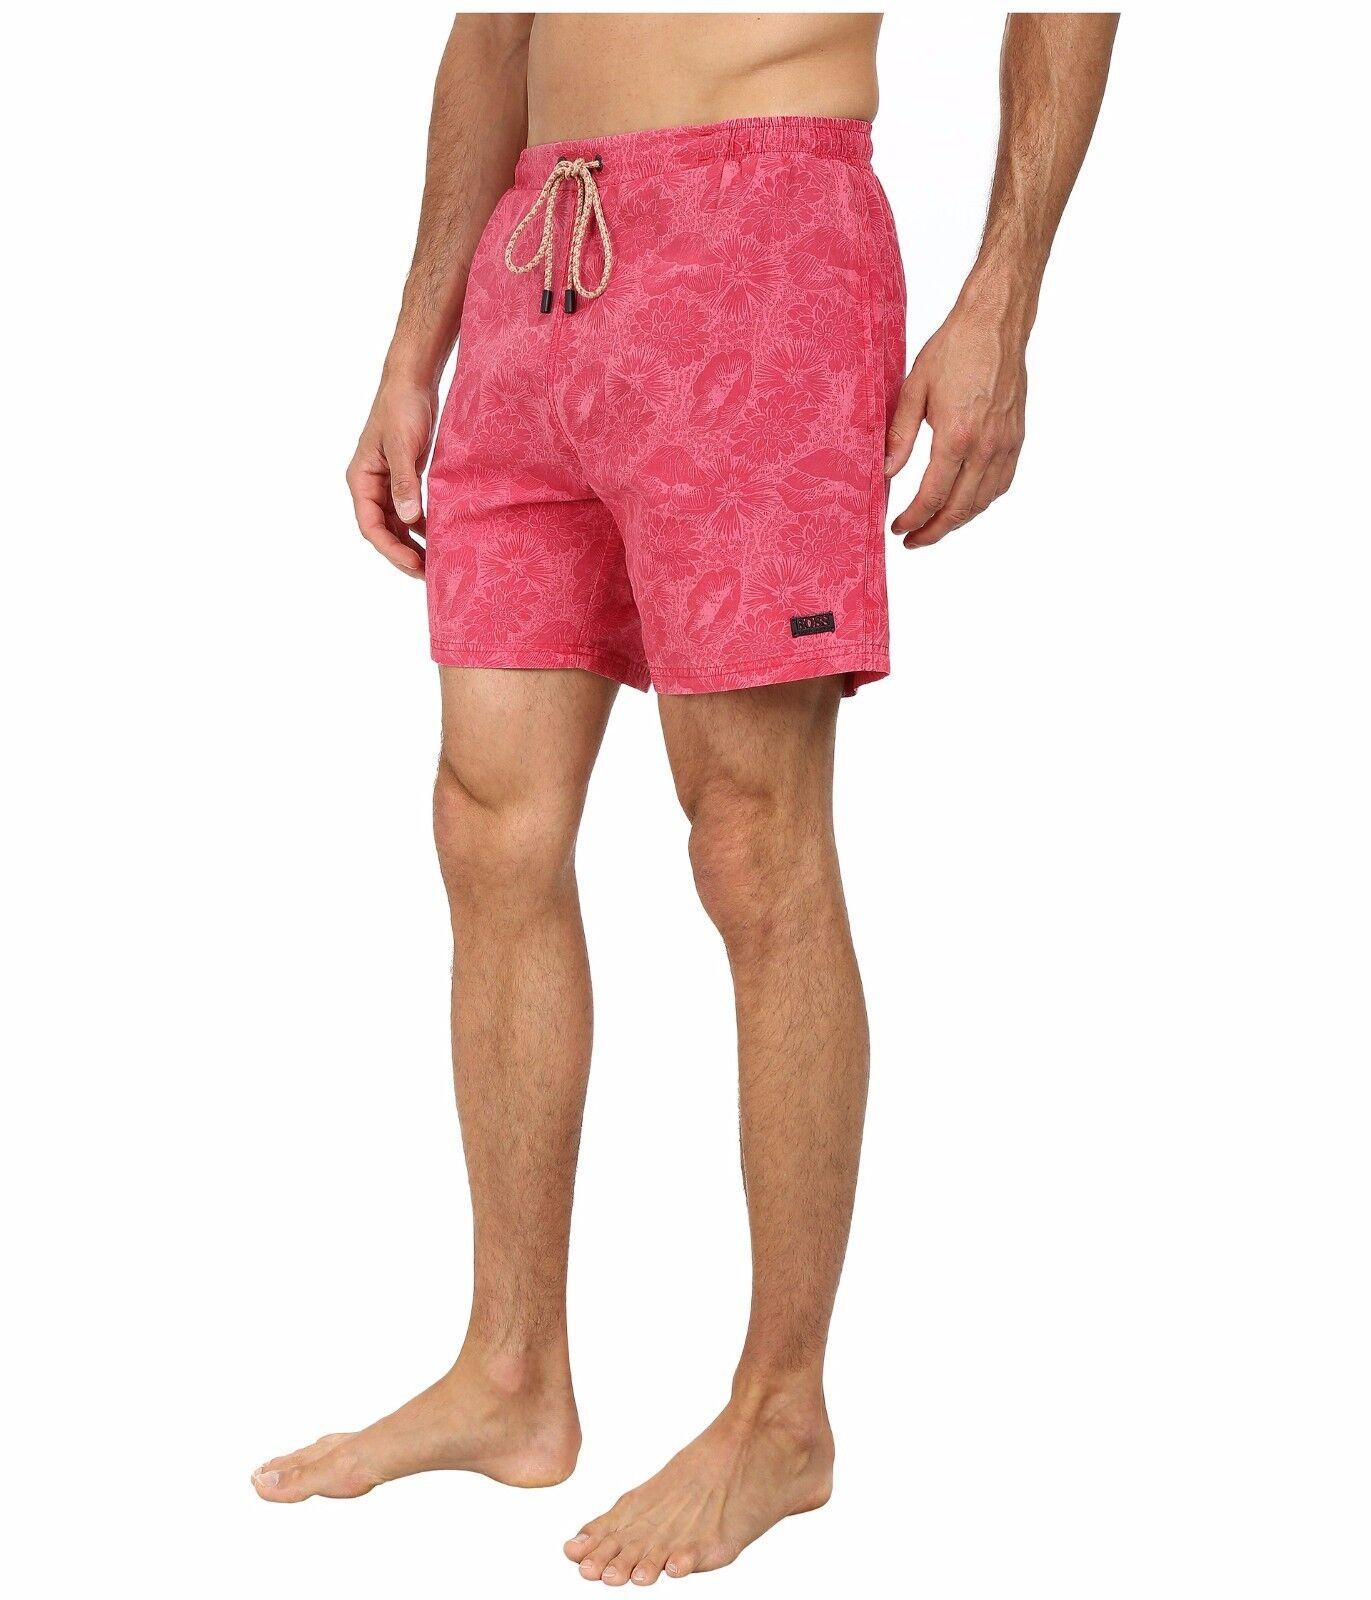 NEW HUGO BOSS pink red swim trunks shorts swimsuit AMAGOFISH sz Large L